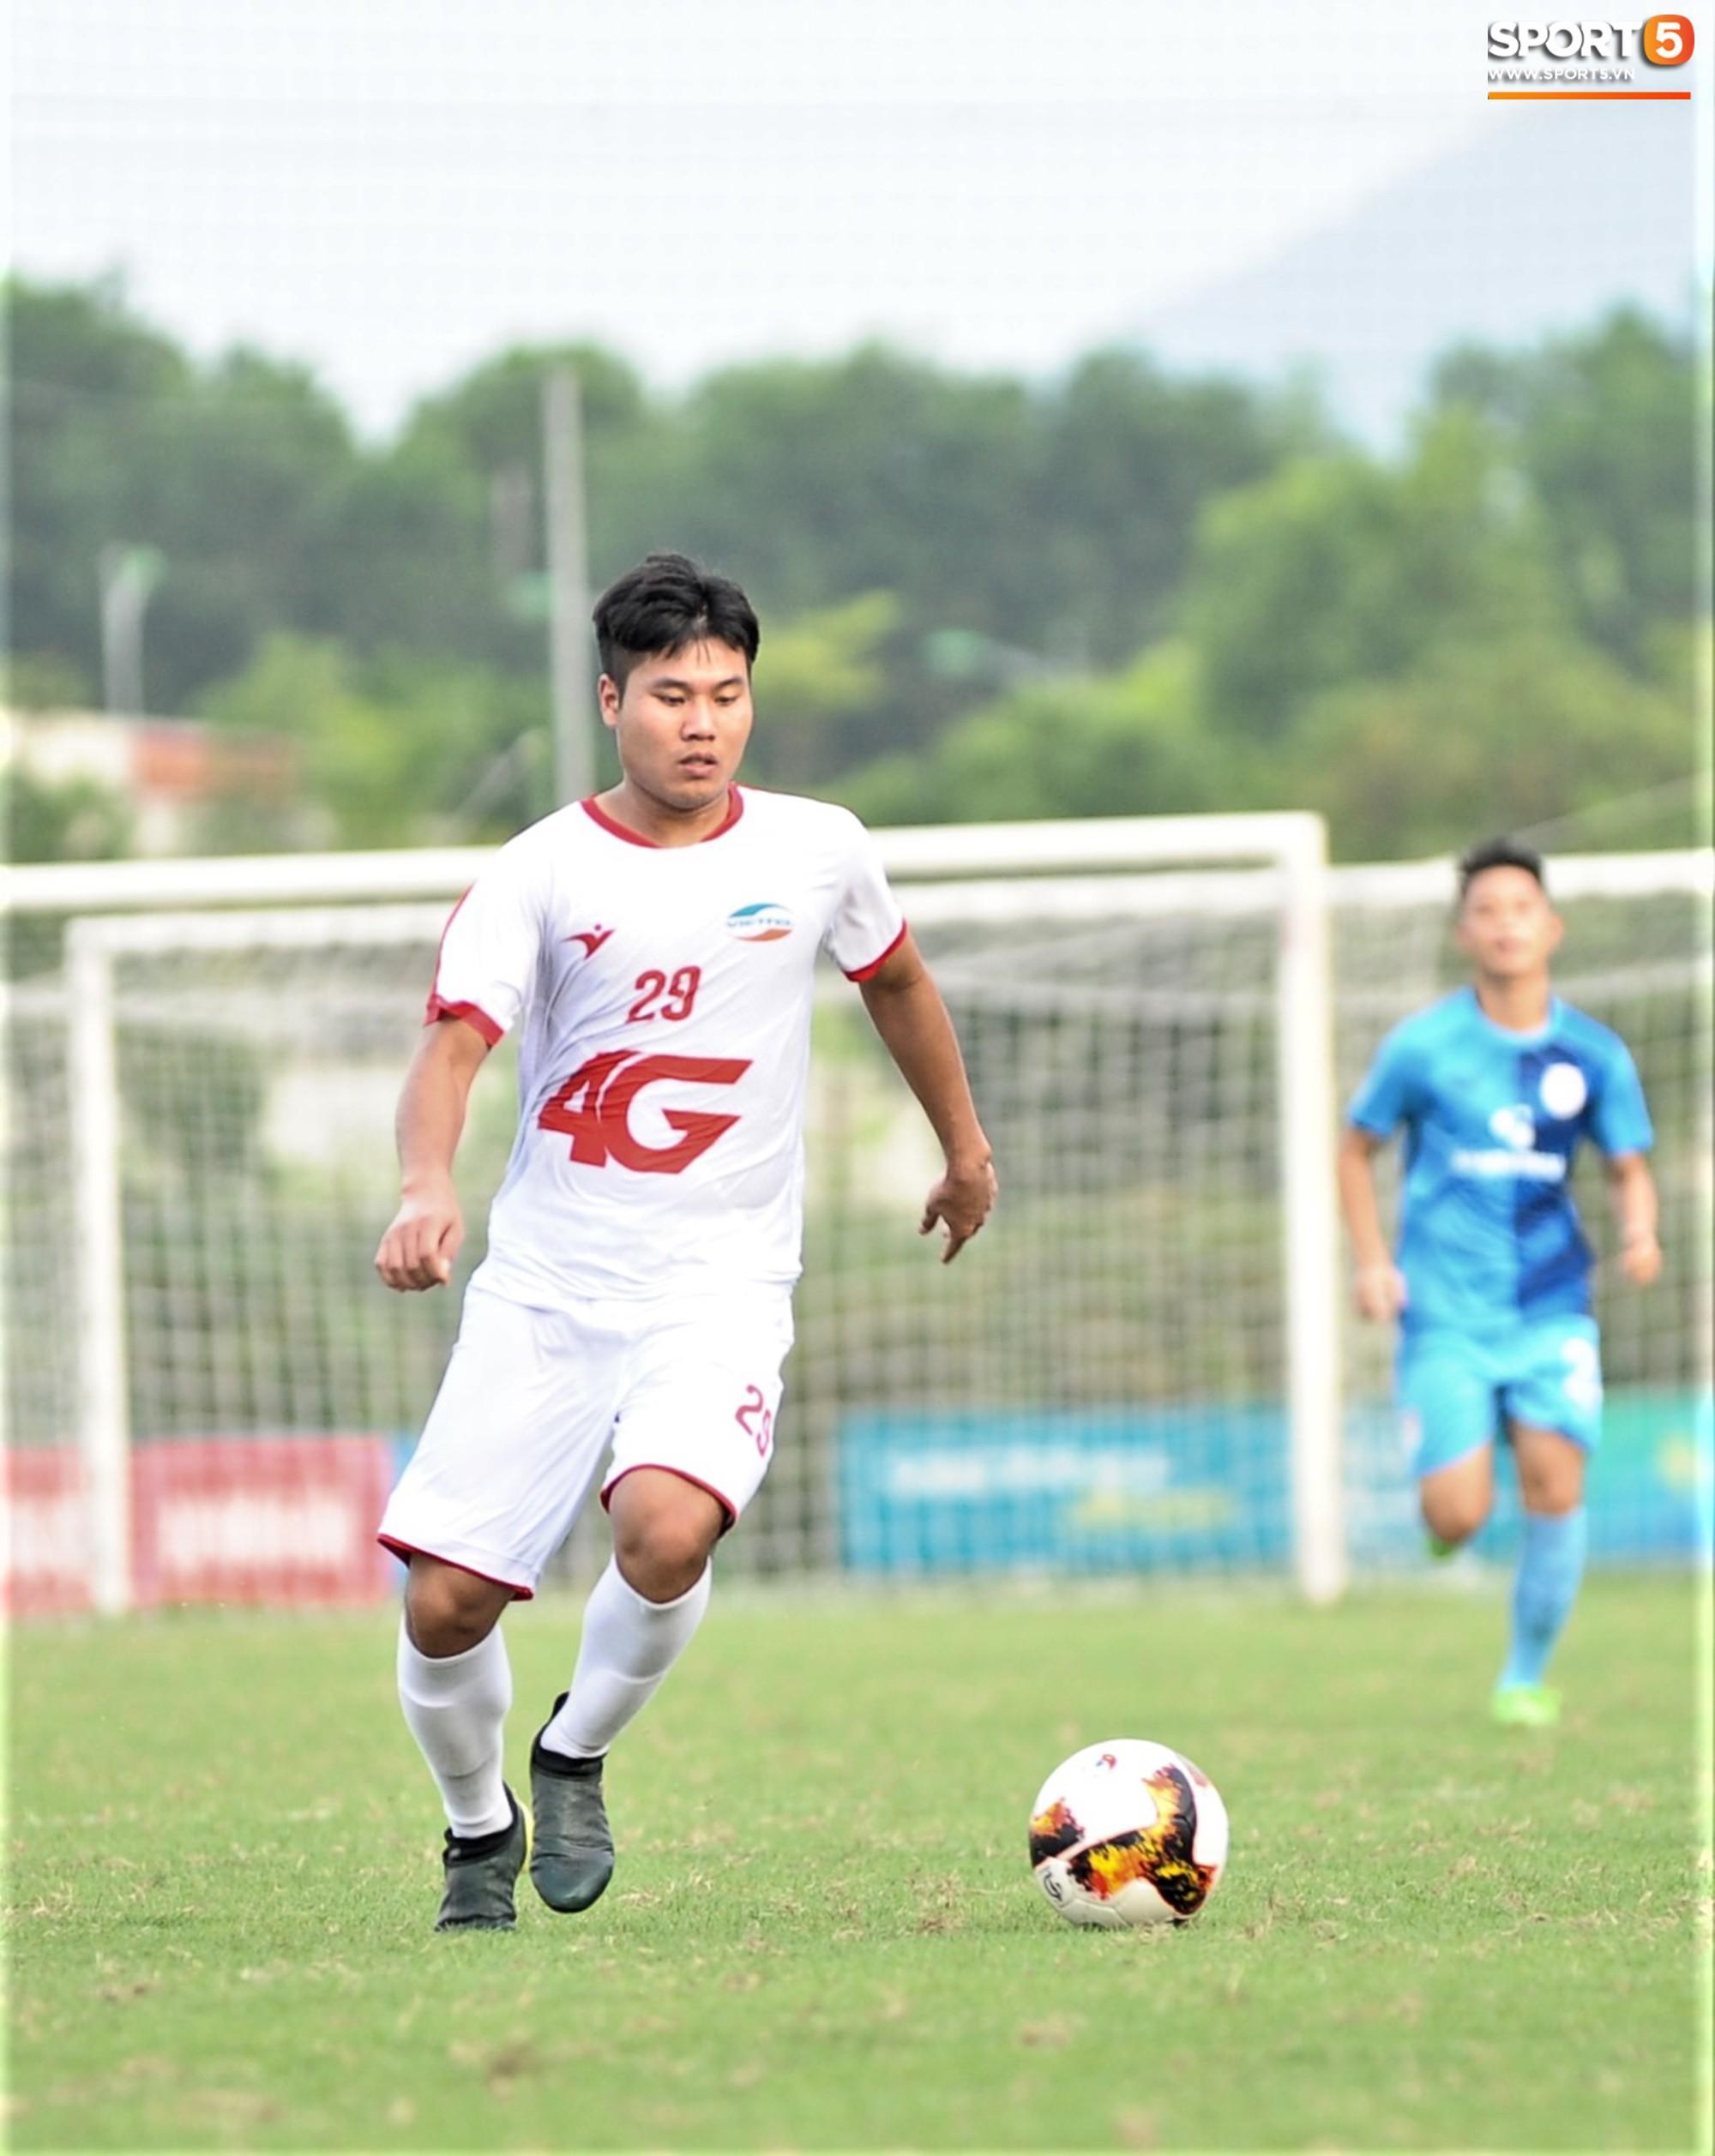 Sao trẻ U23 lập công, Viettel để Phố Hiến cầm hòa 1-1 trong ngày khai mạc giải U21 Quốc gia - Ảnh 5.